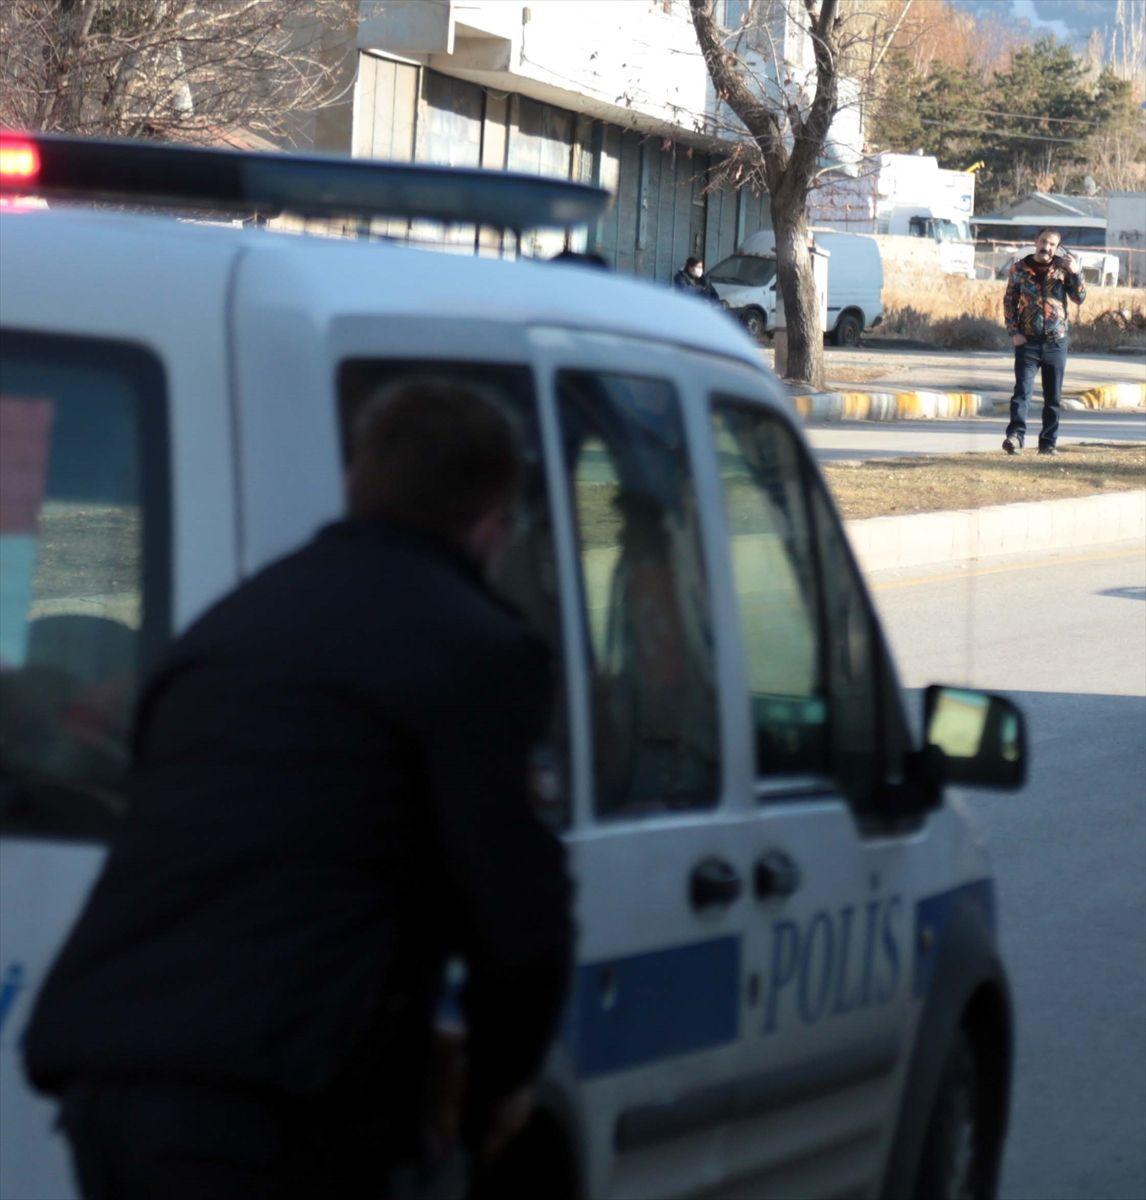 Erzurum'da eşi ve iki kızını öldüren adam zor anlar yaşattı. - Sayfa 4